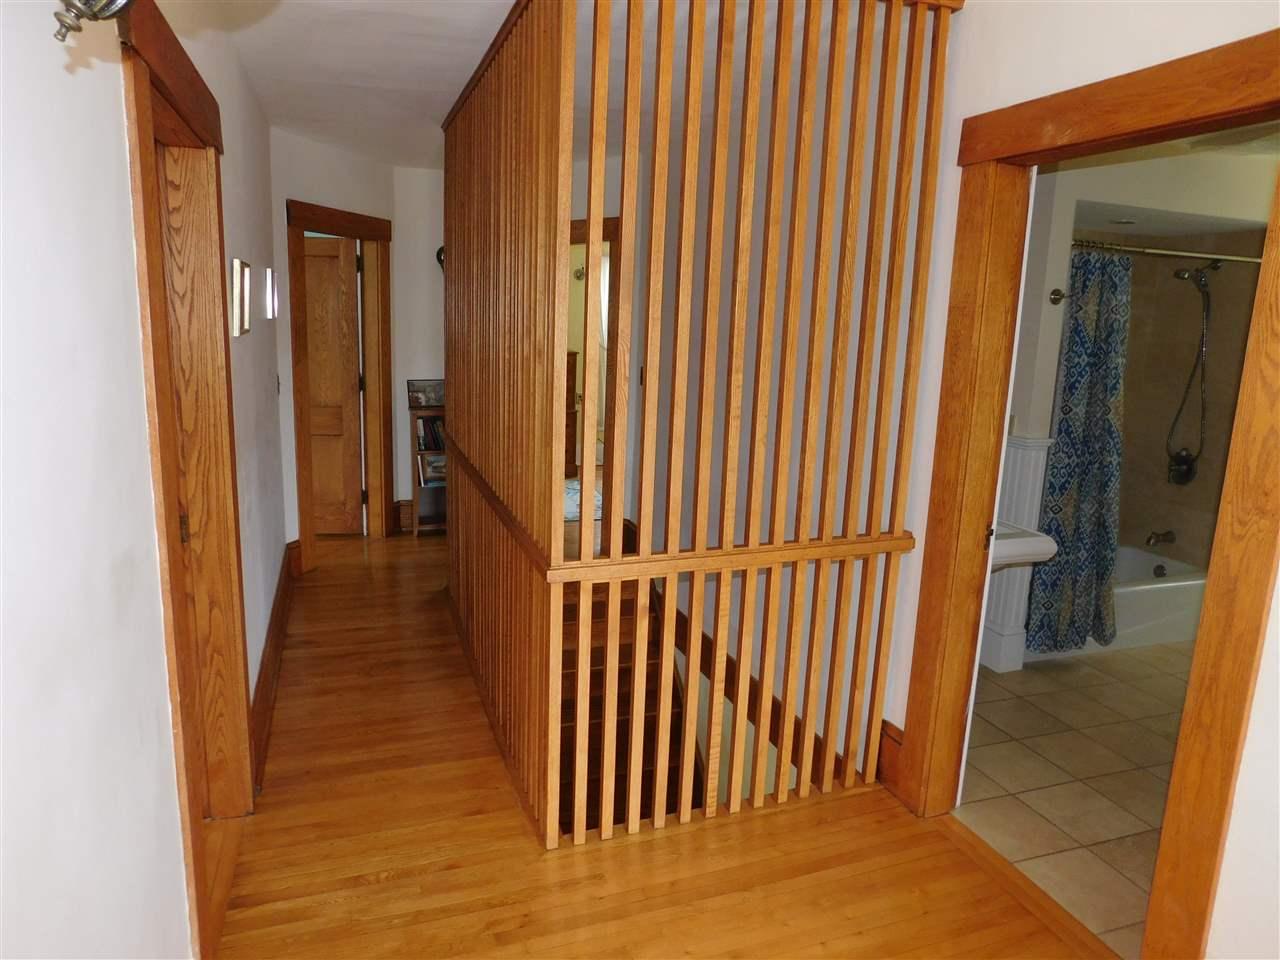 More Wood Craftsmanship! 12114555